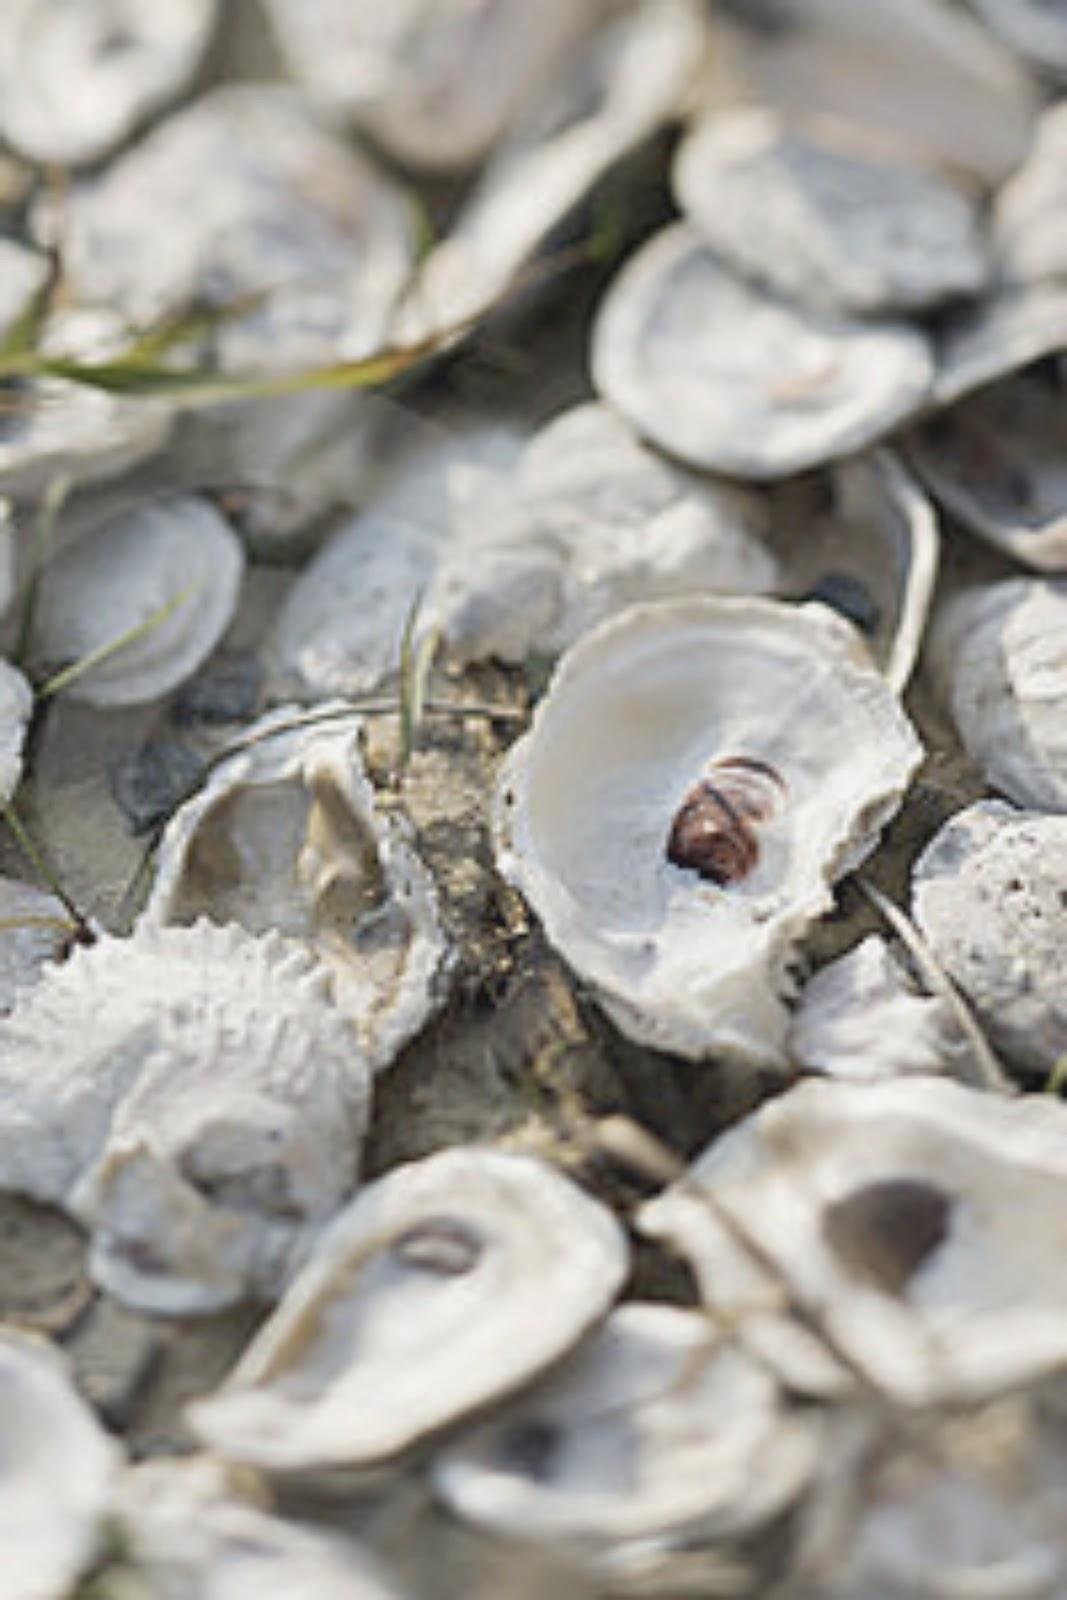 feasibility of oyster shell as cement Sea shell was used as admixture in concrete buscar  partitura 661 vistas 1 votos positivos, marcar como útil 0 votos negativos, marcar como no útil feasibility of using sea shells ash as admixtures for concrete cargado por guru raj sivaprakasam sea shell was used as admixture in concrete guardar  feasibility of using sea shells.